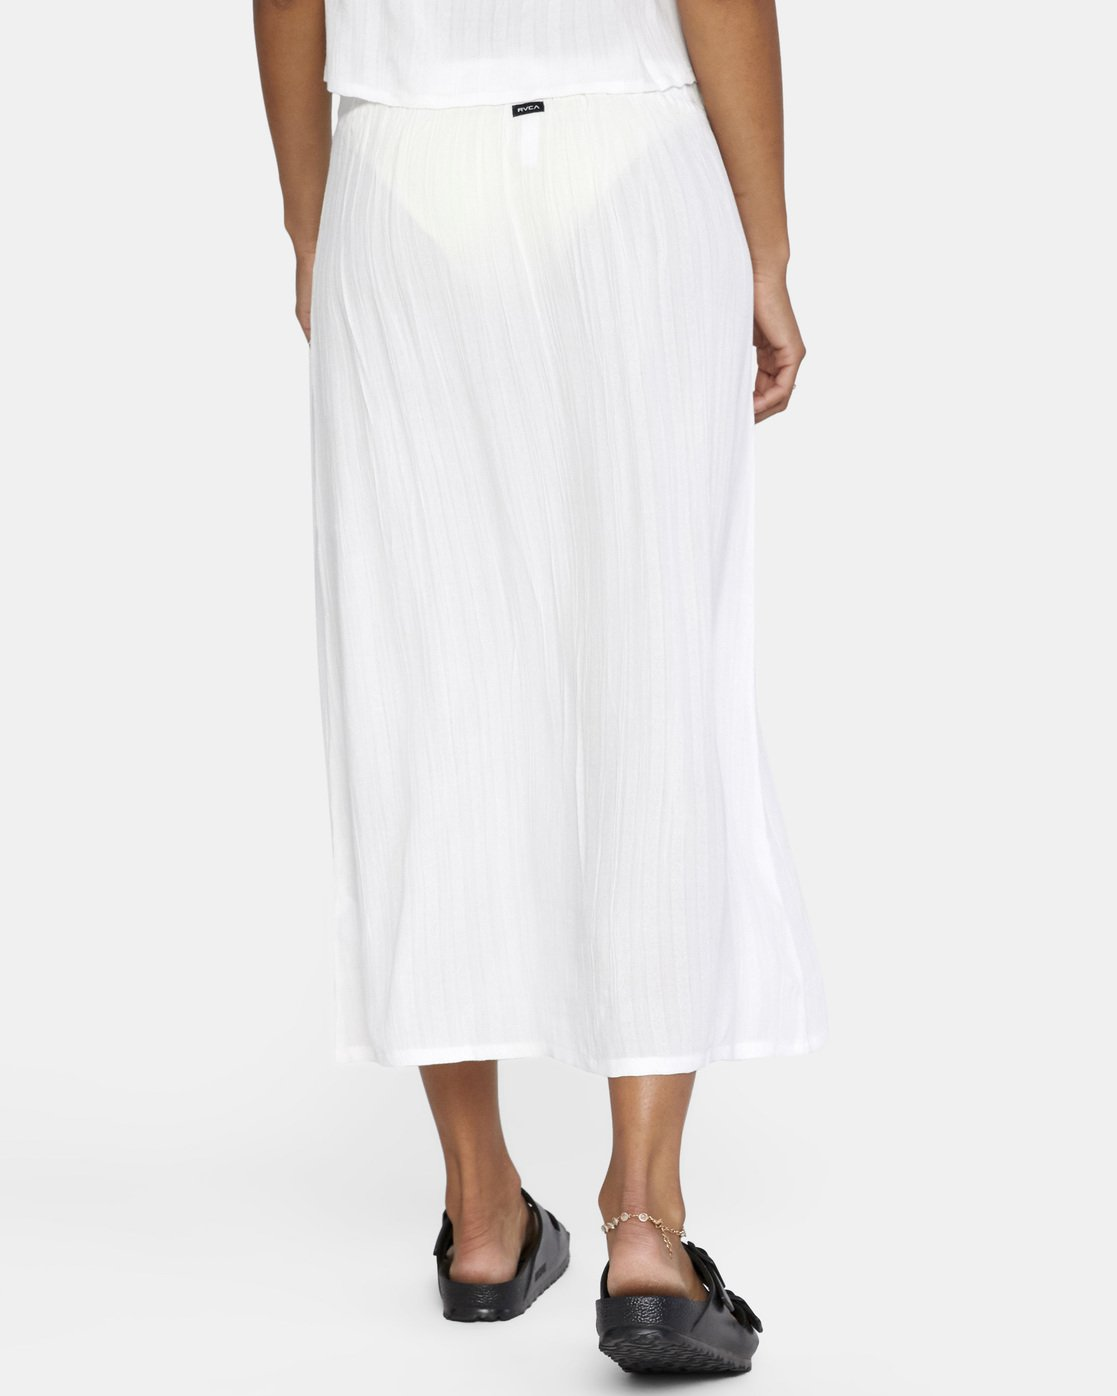 7 After Hours Skirt White AVJX600112 RVCA